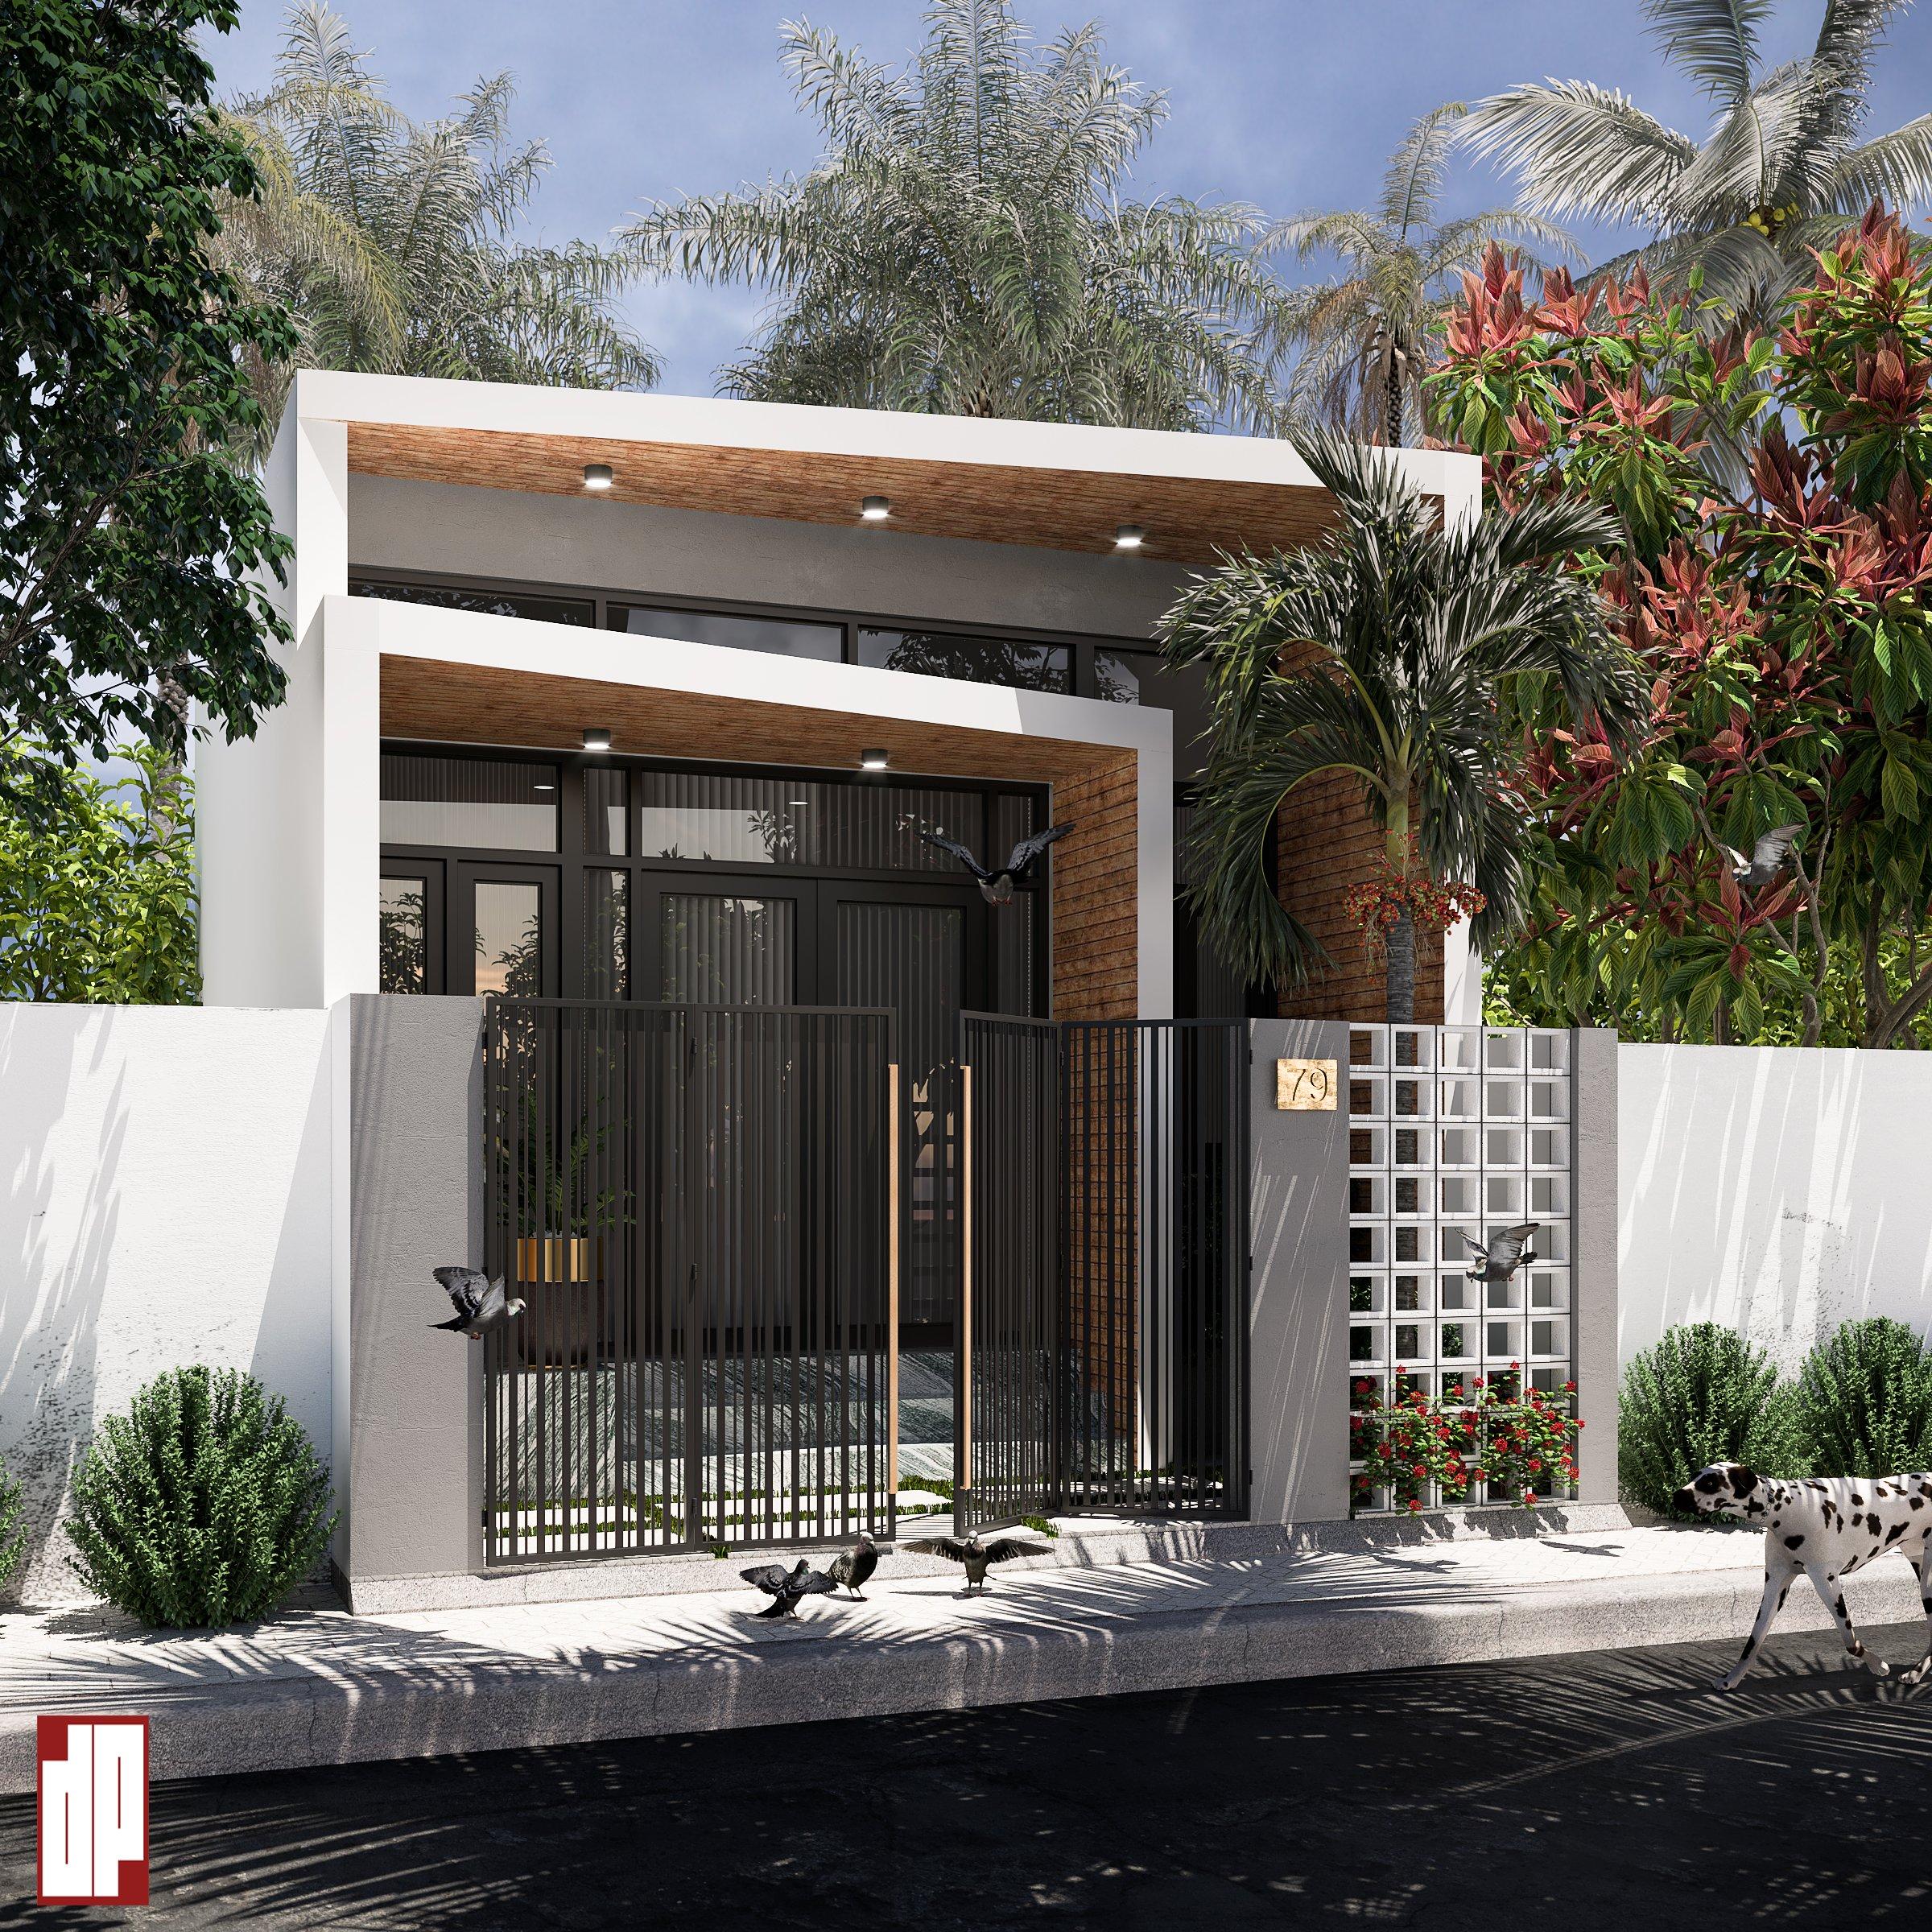 Thiết kế Nhà tại Bình Định NHÀ CẤP 4_HUYỆN TUY PHƯỚC_TÌNH BÌNH ĐỊNH 1628666802 1